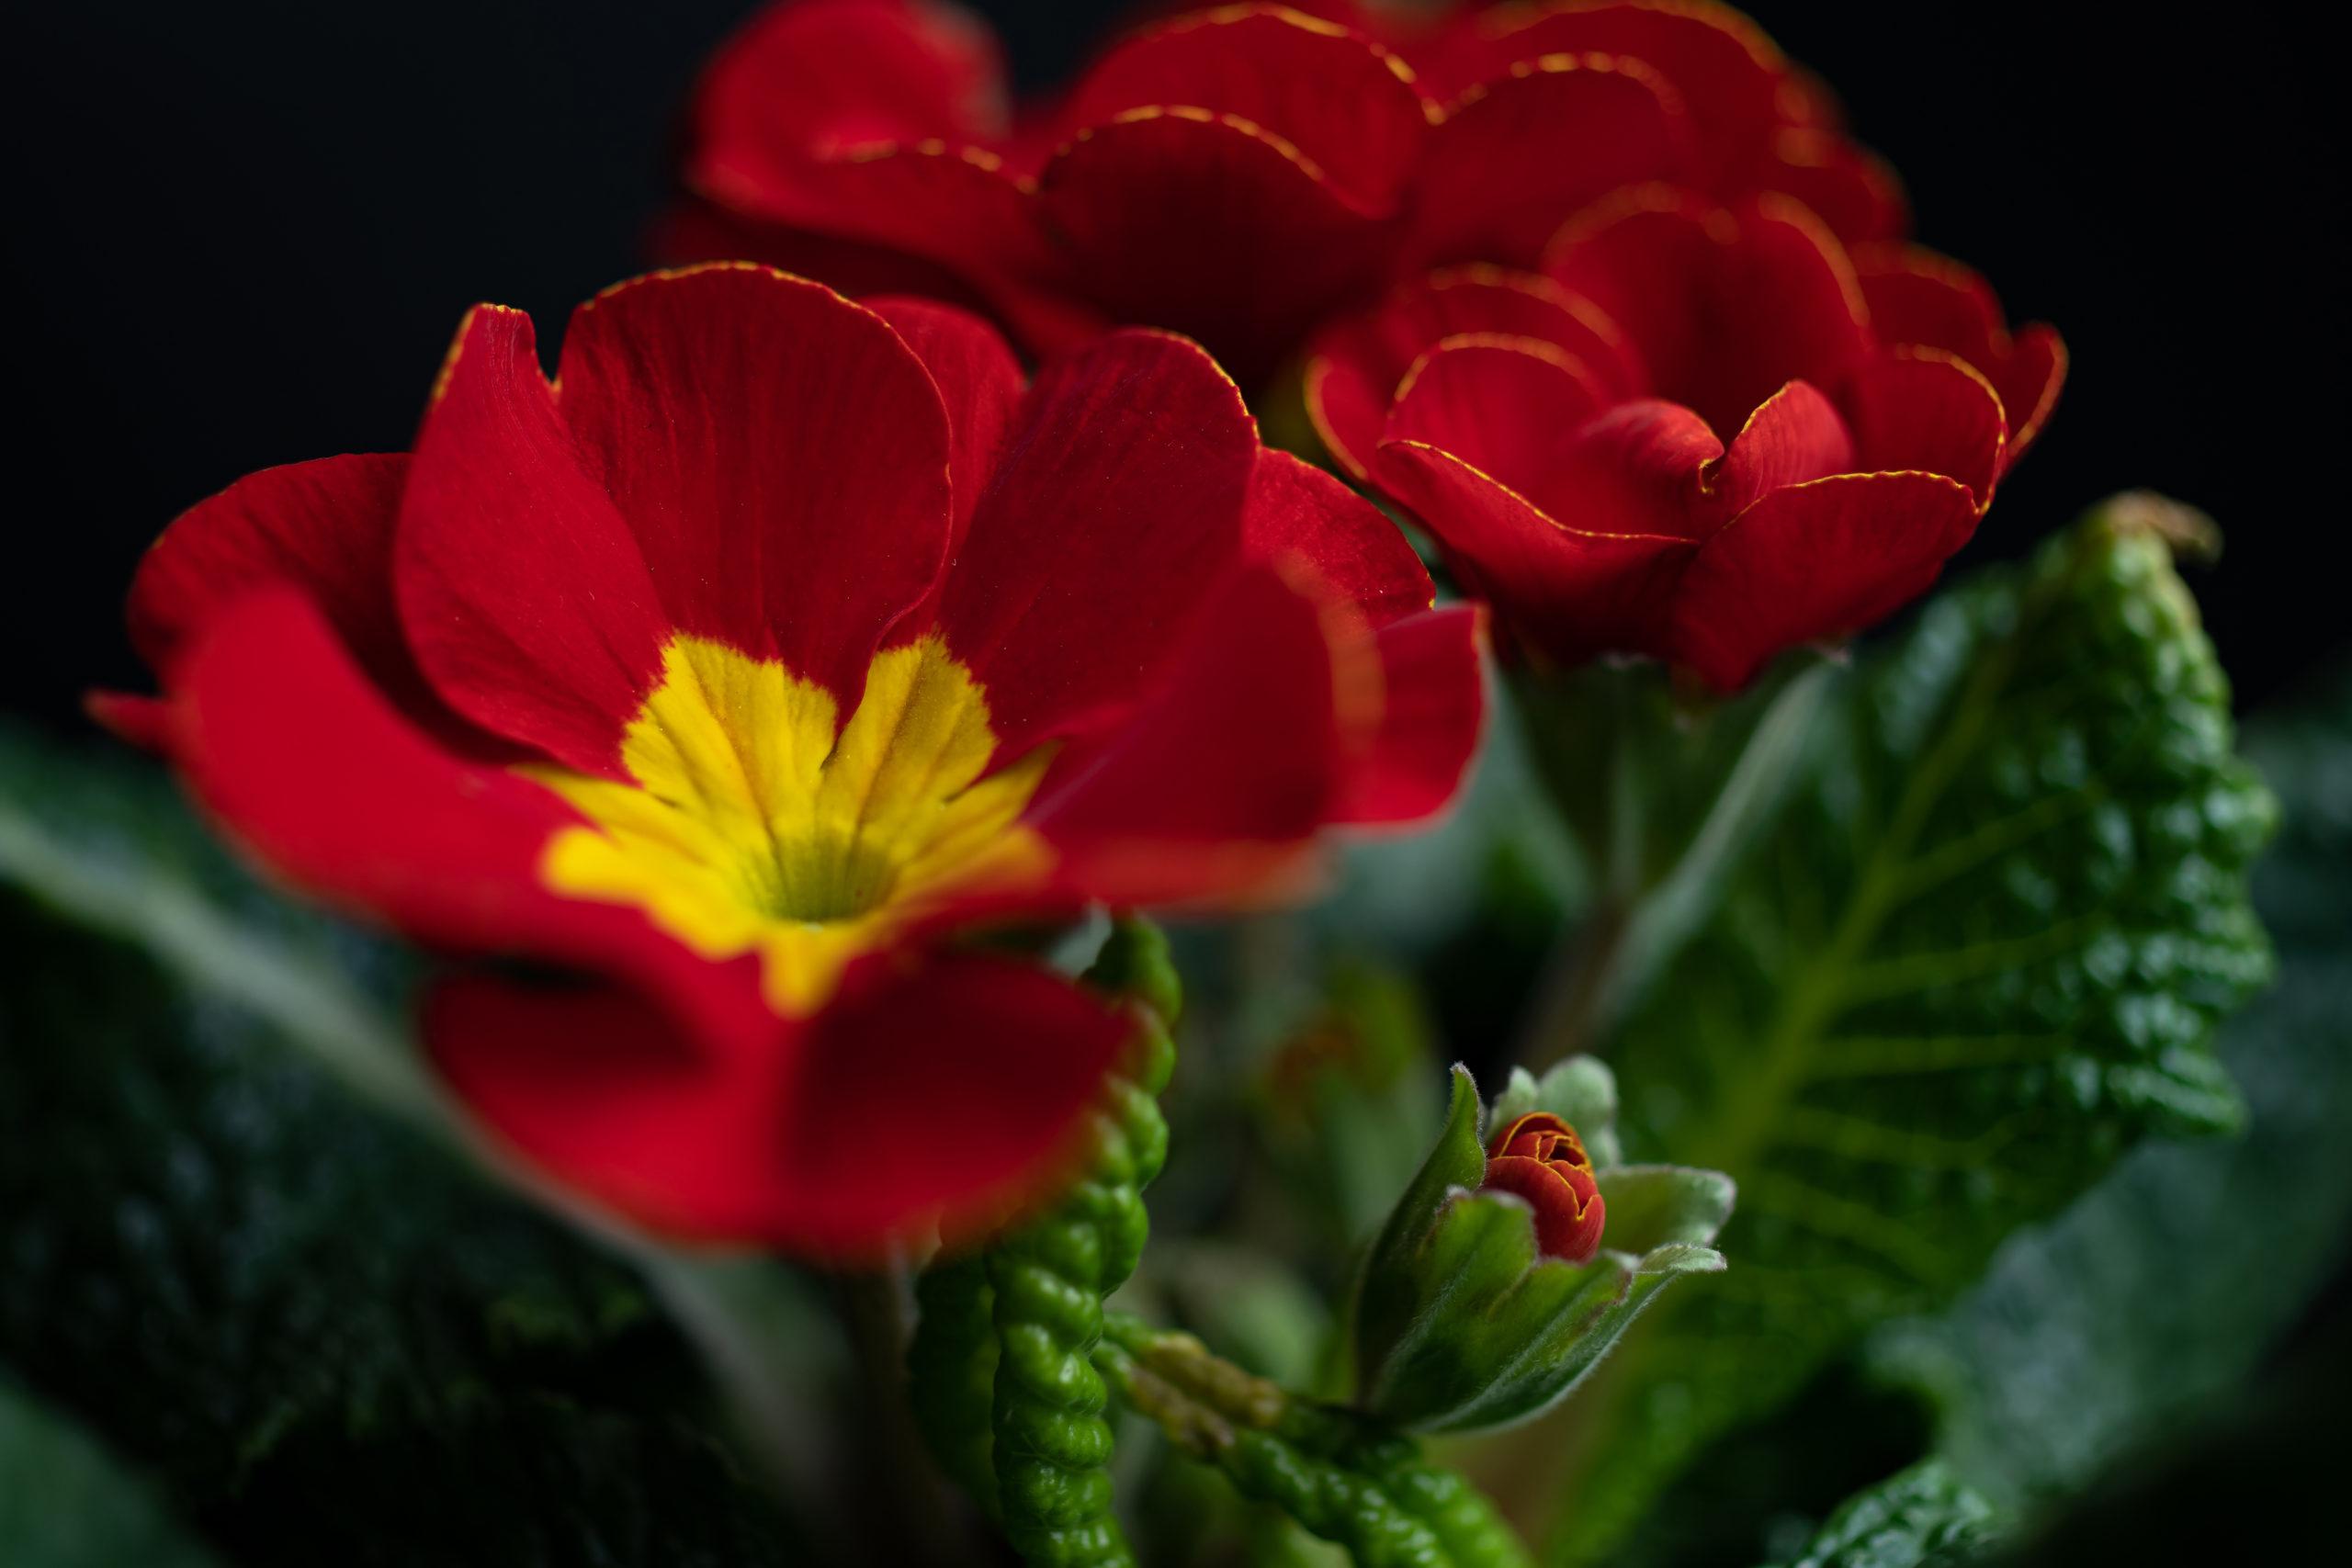 Polyanthus primrose low key